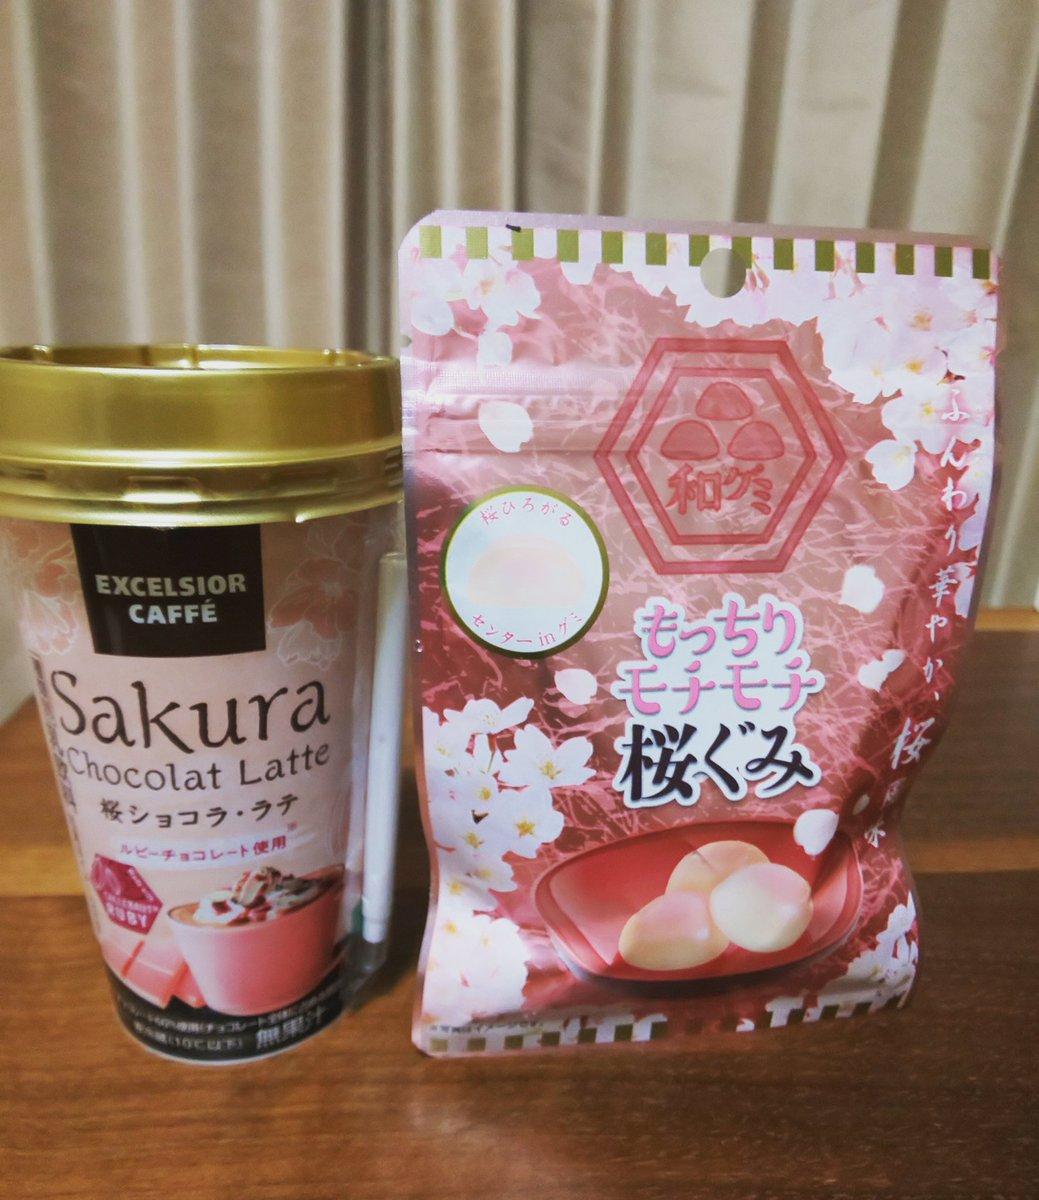 コンビニでちょっと #桜狩り #桜のお菓子 #桜スイーツ #春限定🌸